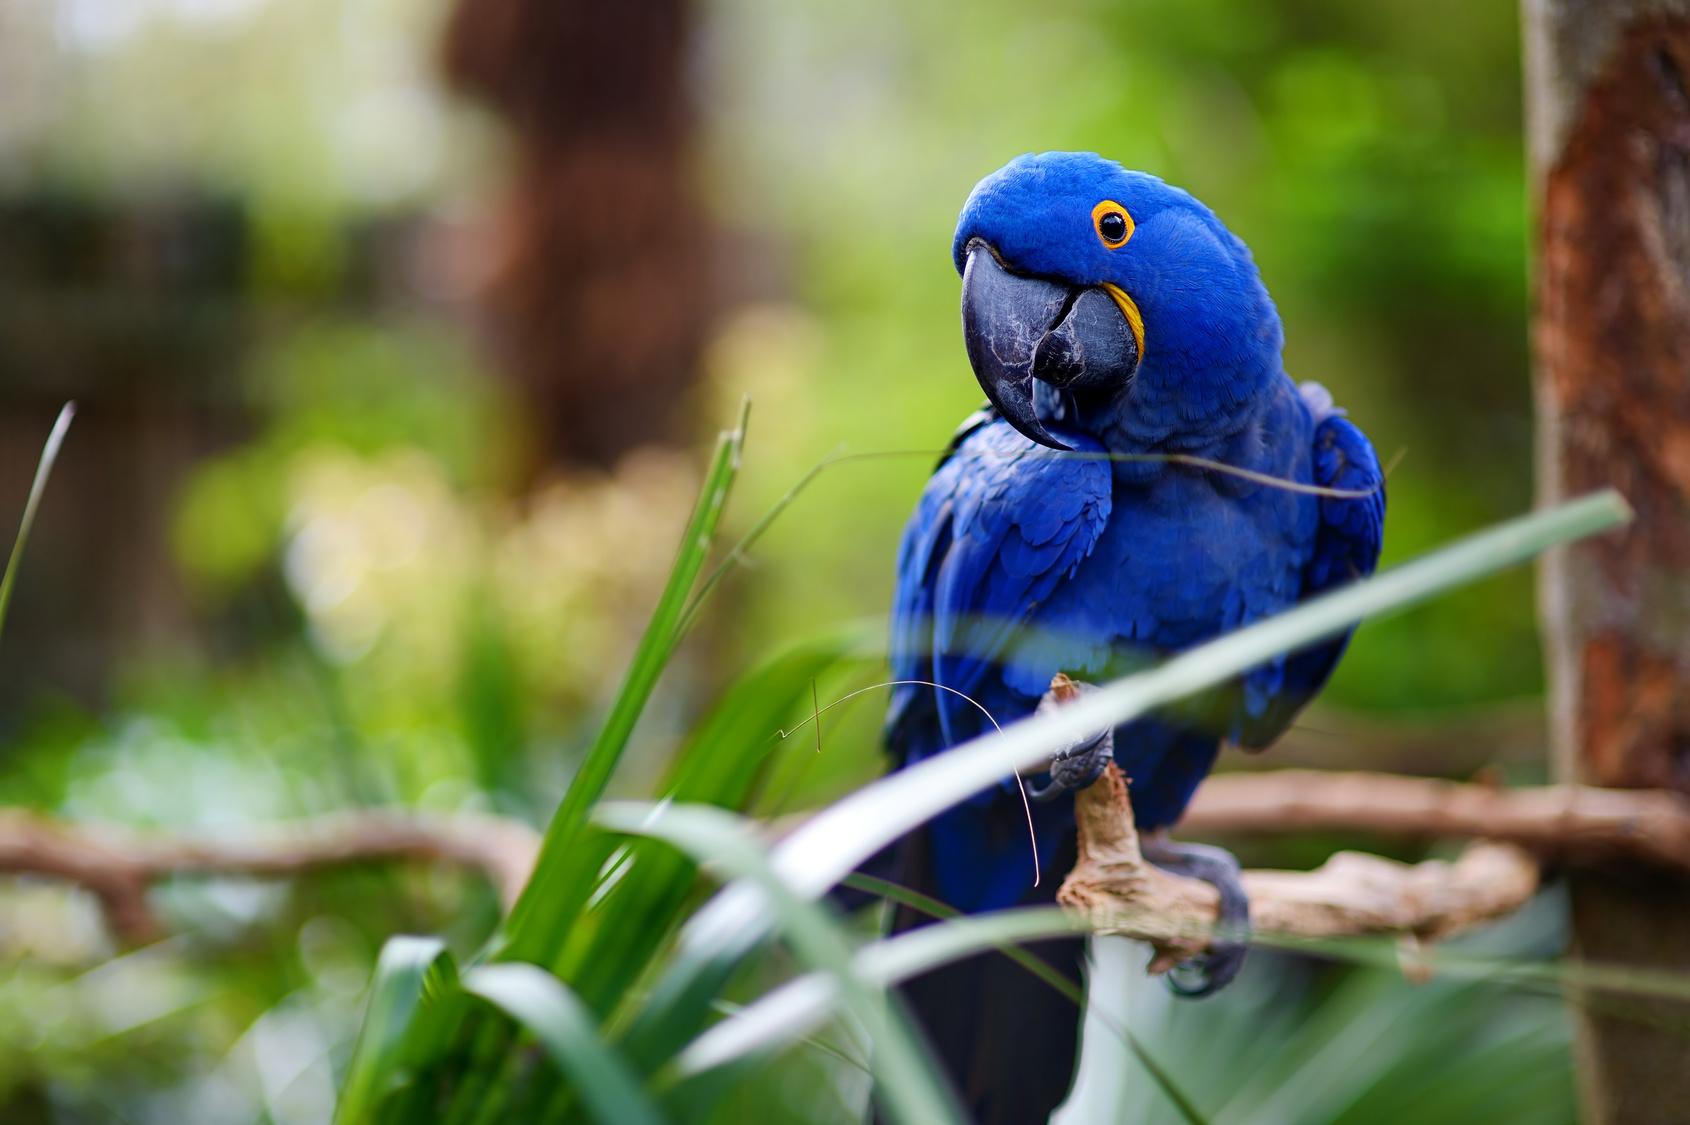 https://mlahvet.com/wp-content/uploads/2016/08/Exotics_Bird.jpg